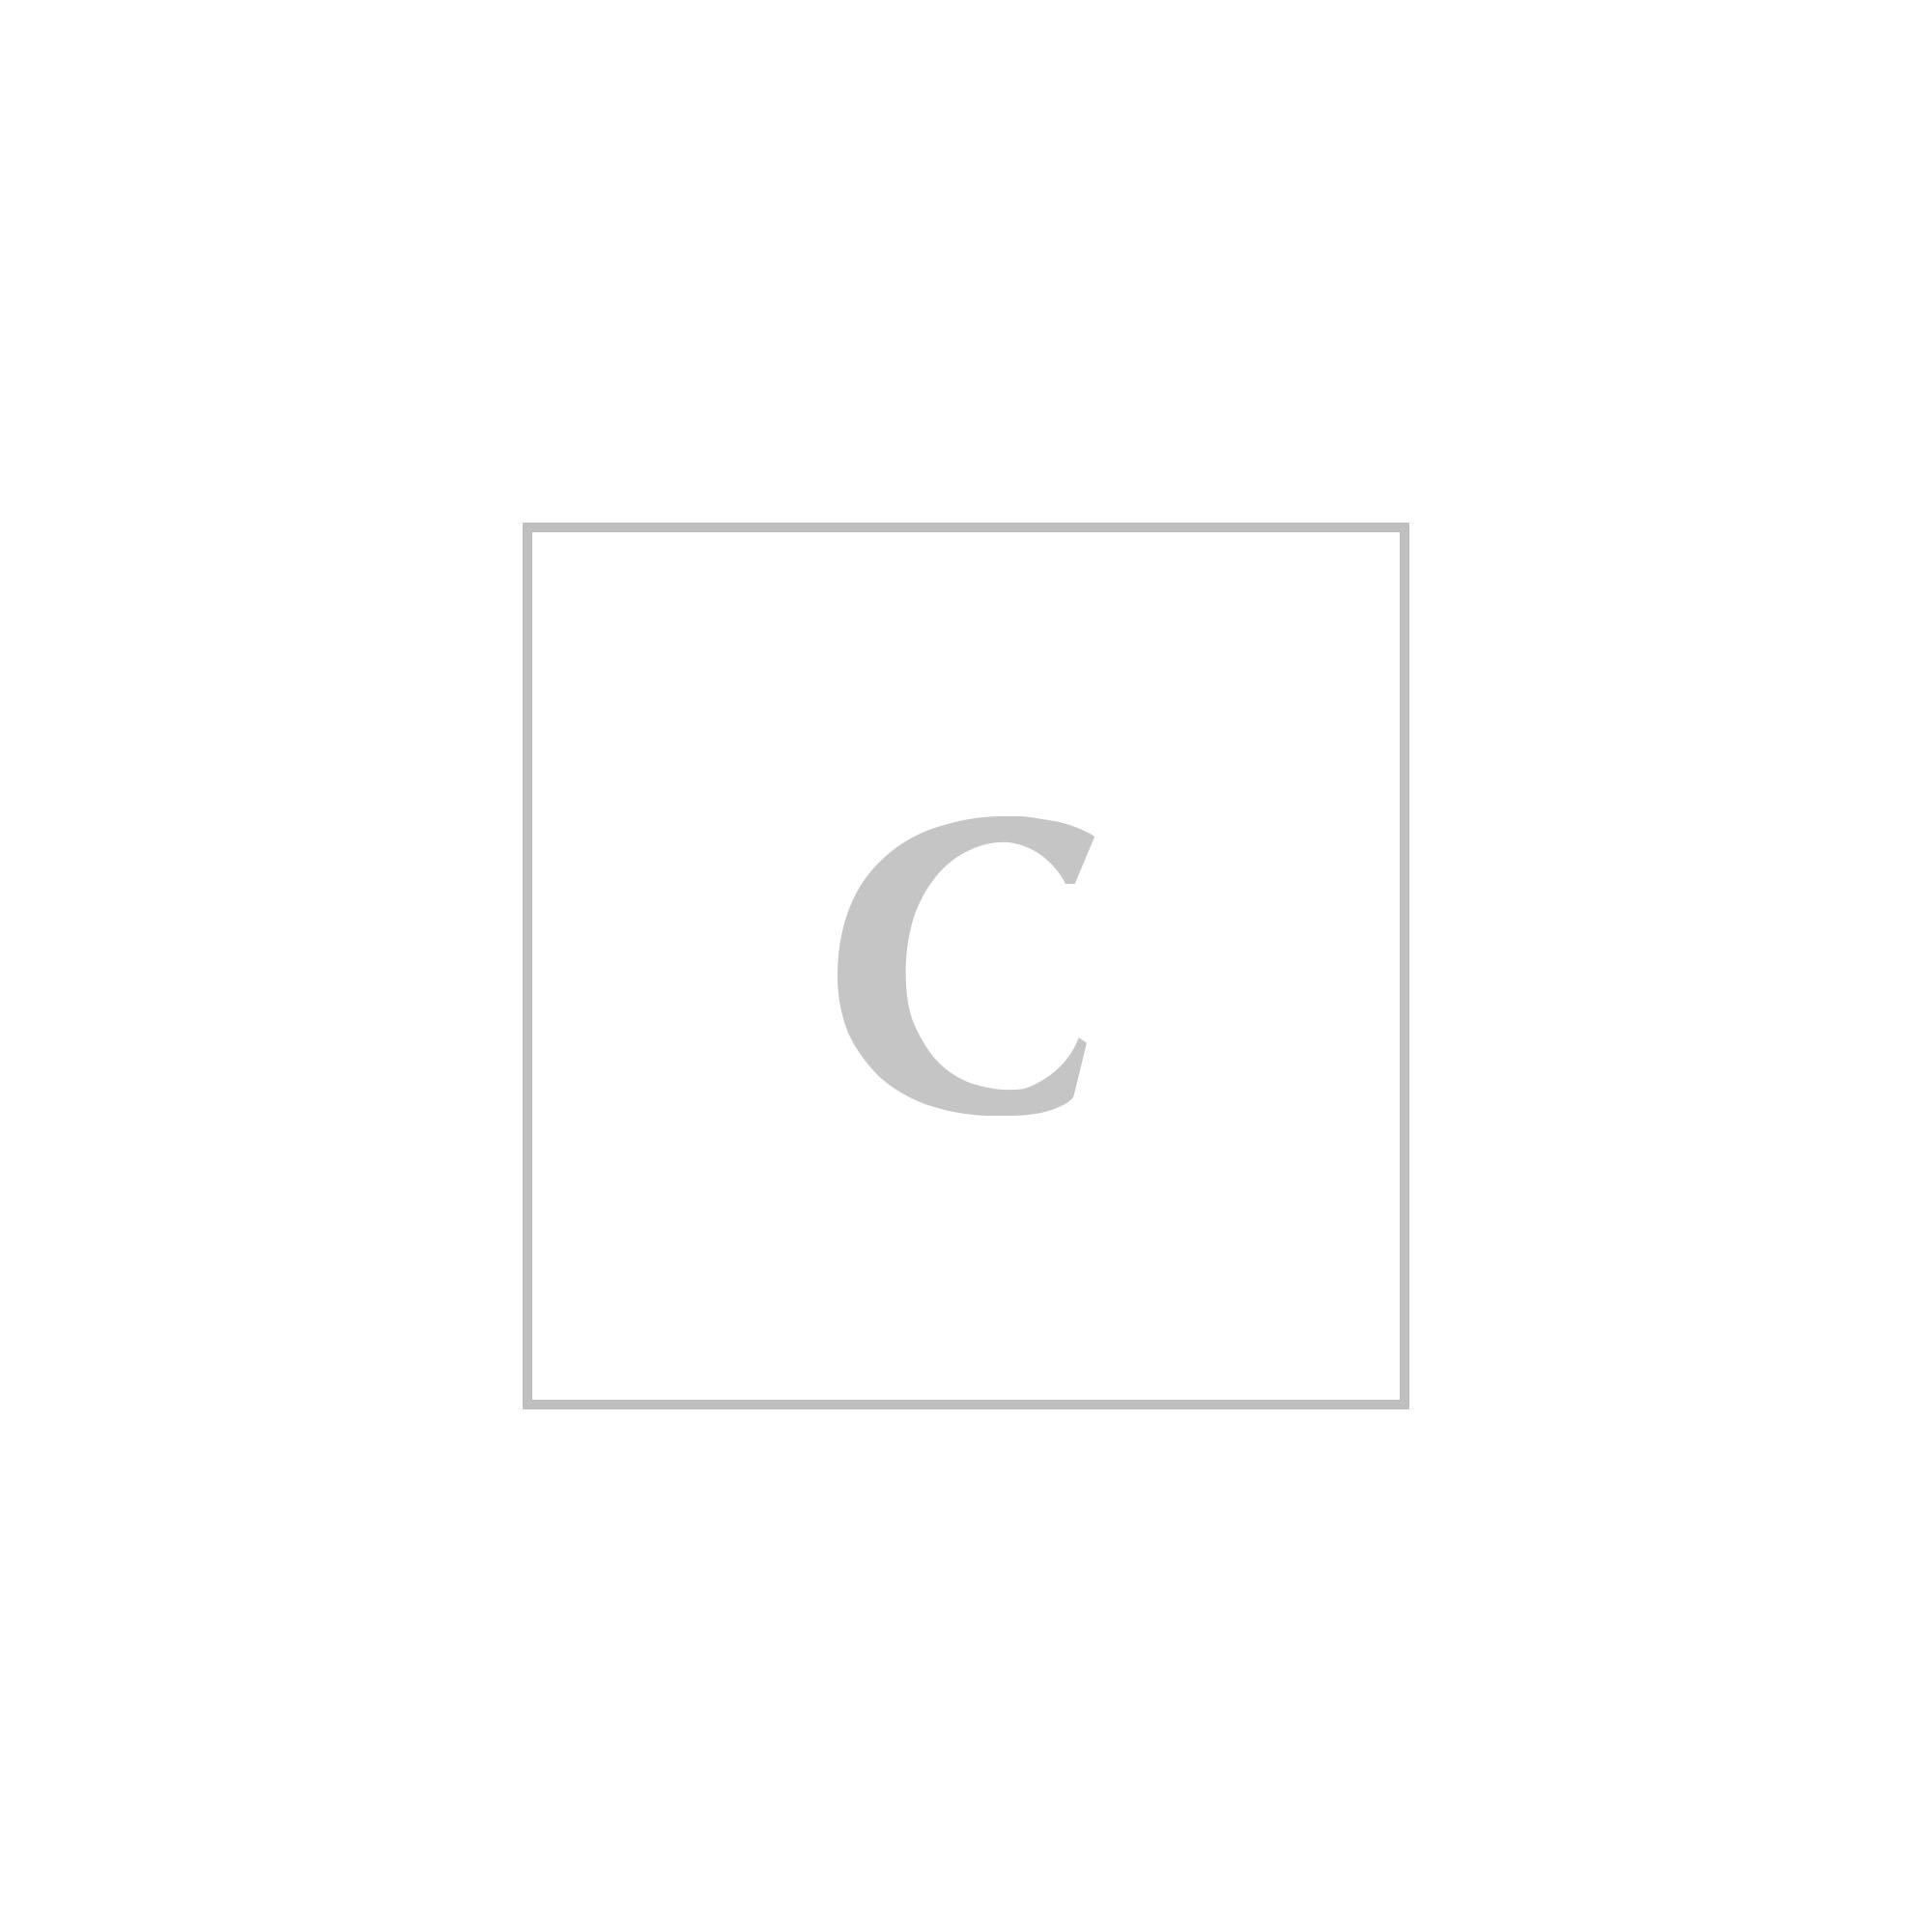 Burberry camden coat